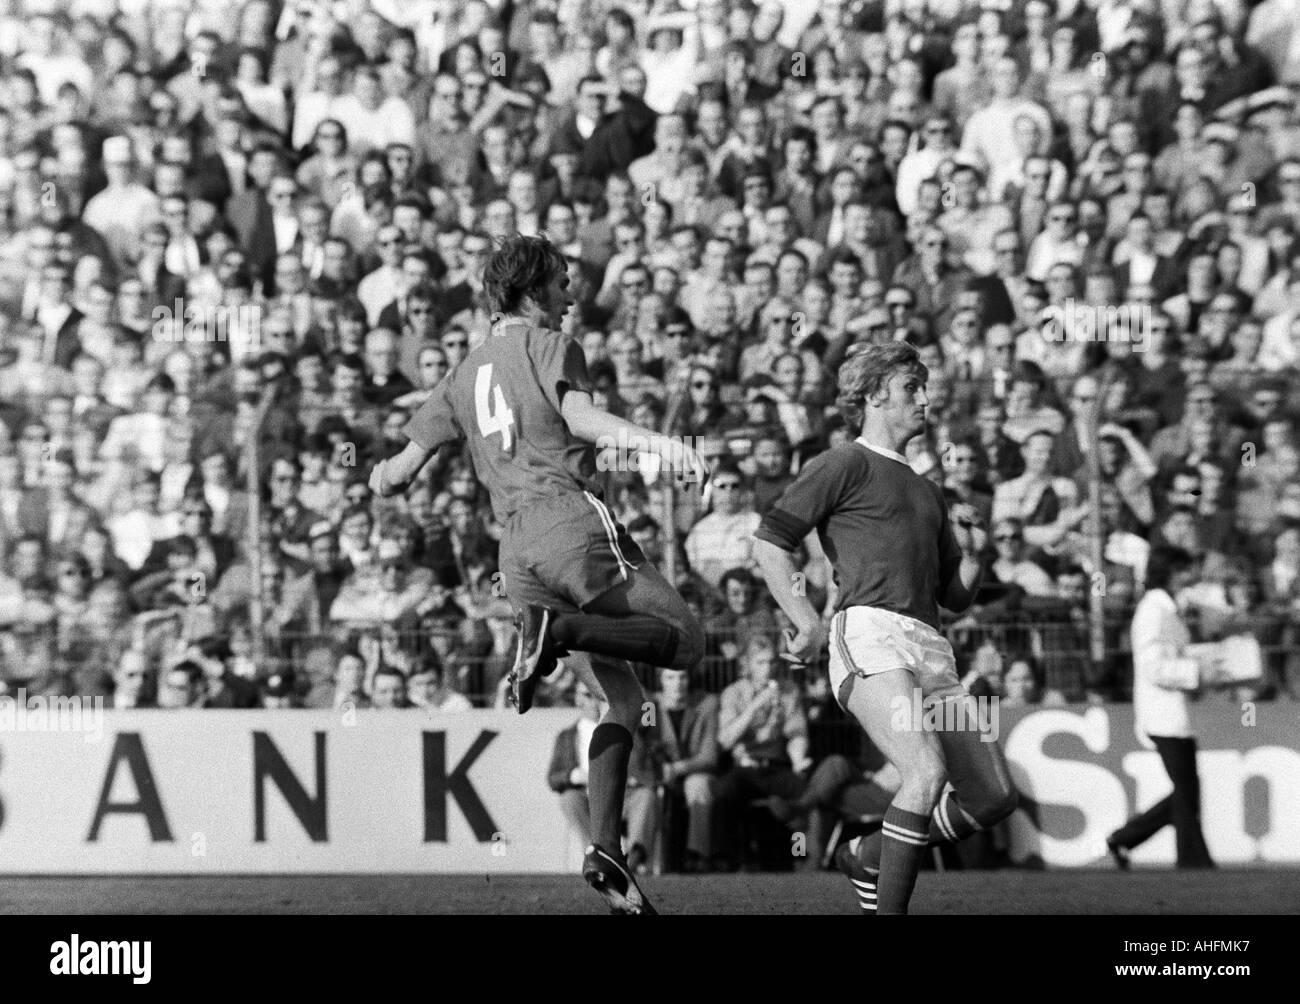 football, Bundesliga, 1971/1972, FC Schalke 04 versus Fortuna Duesseldorf 3:0, Glueckaufkampfbahn Stadium in Gelsenkirchen, scene of the match, Werner Kriegler (Fortuna) left, right Klaus Fichtel (S04) - Stock Image